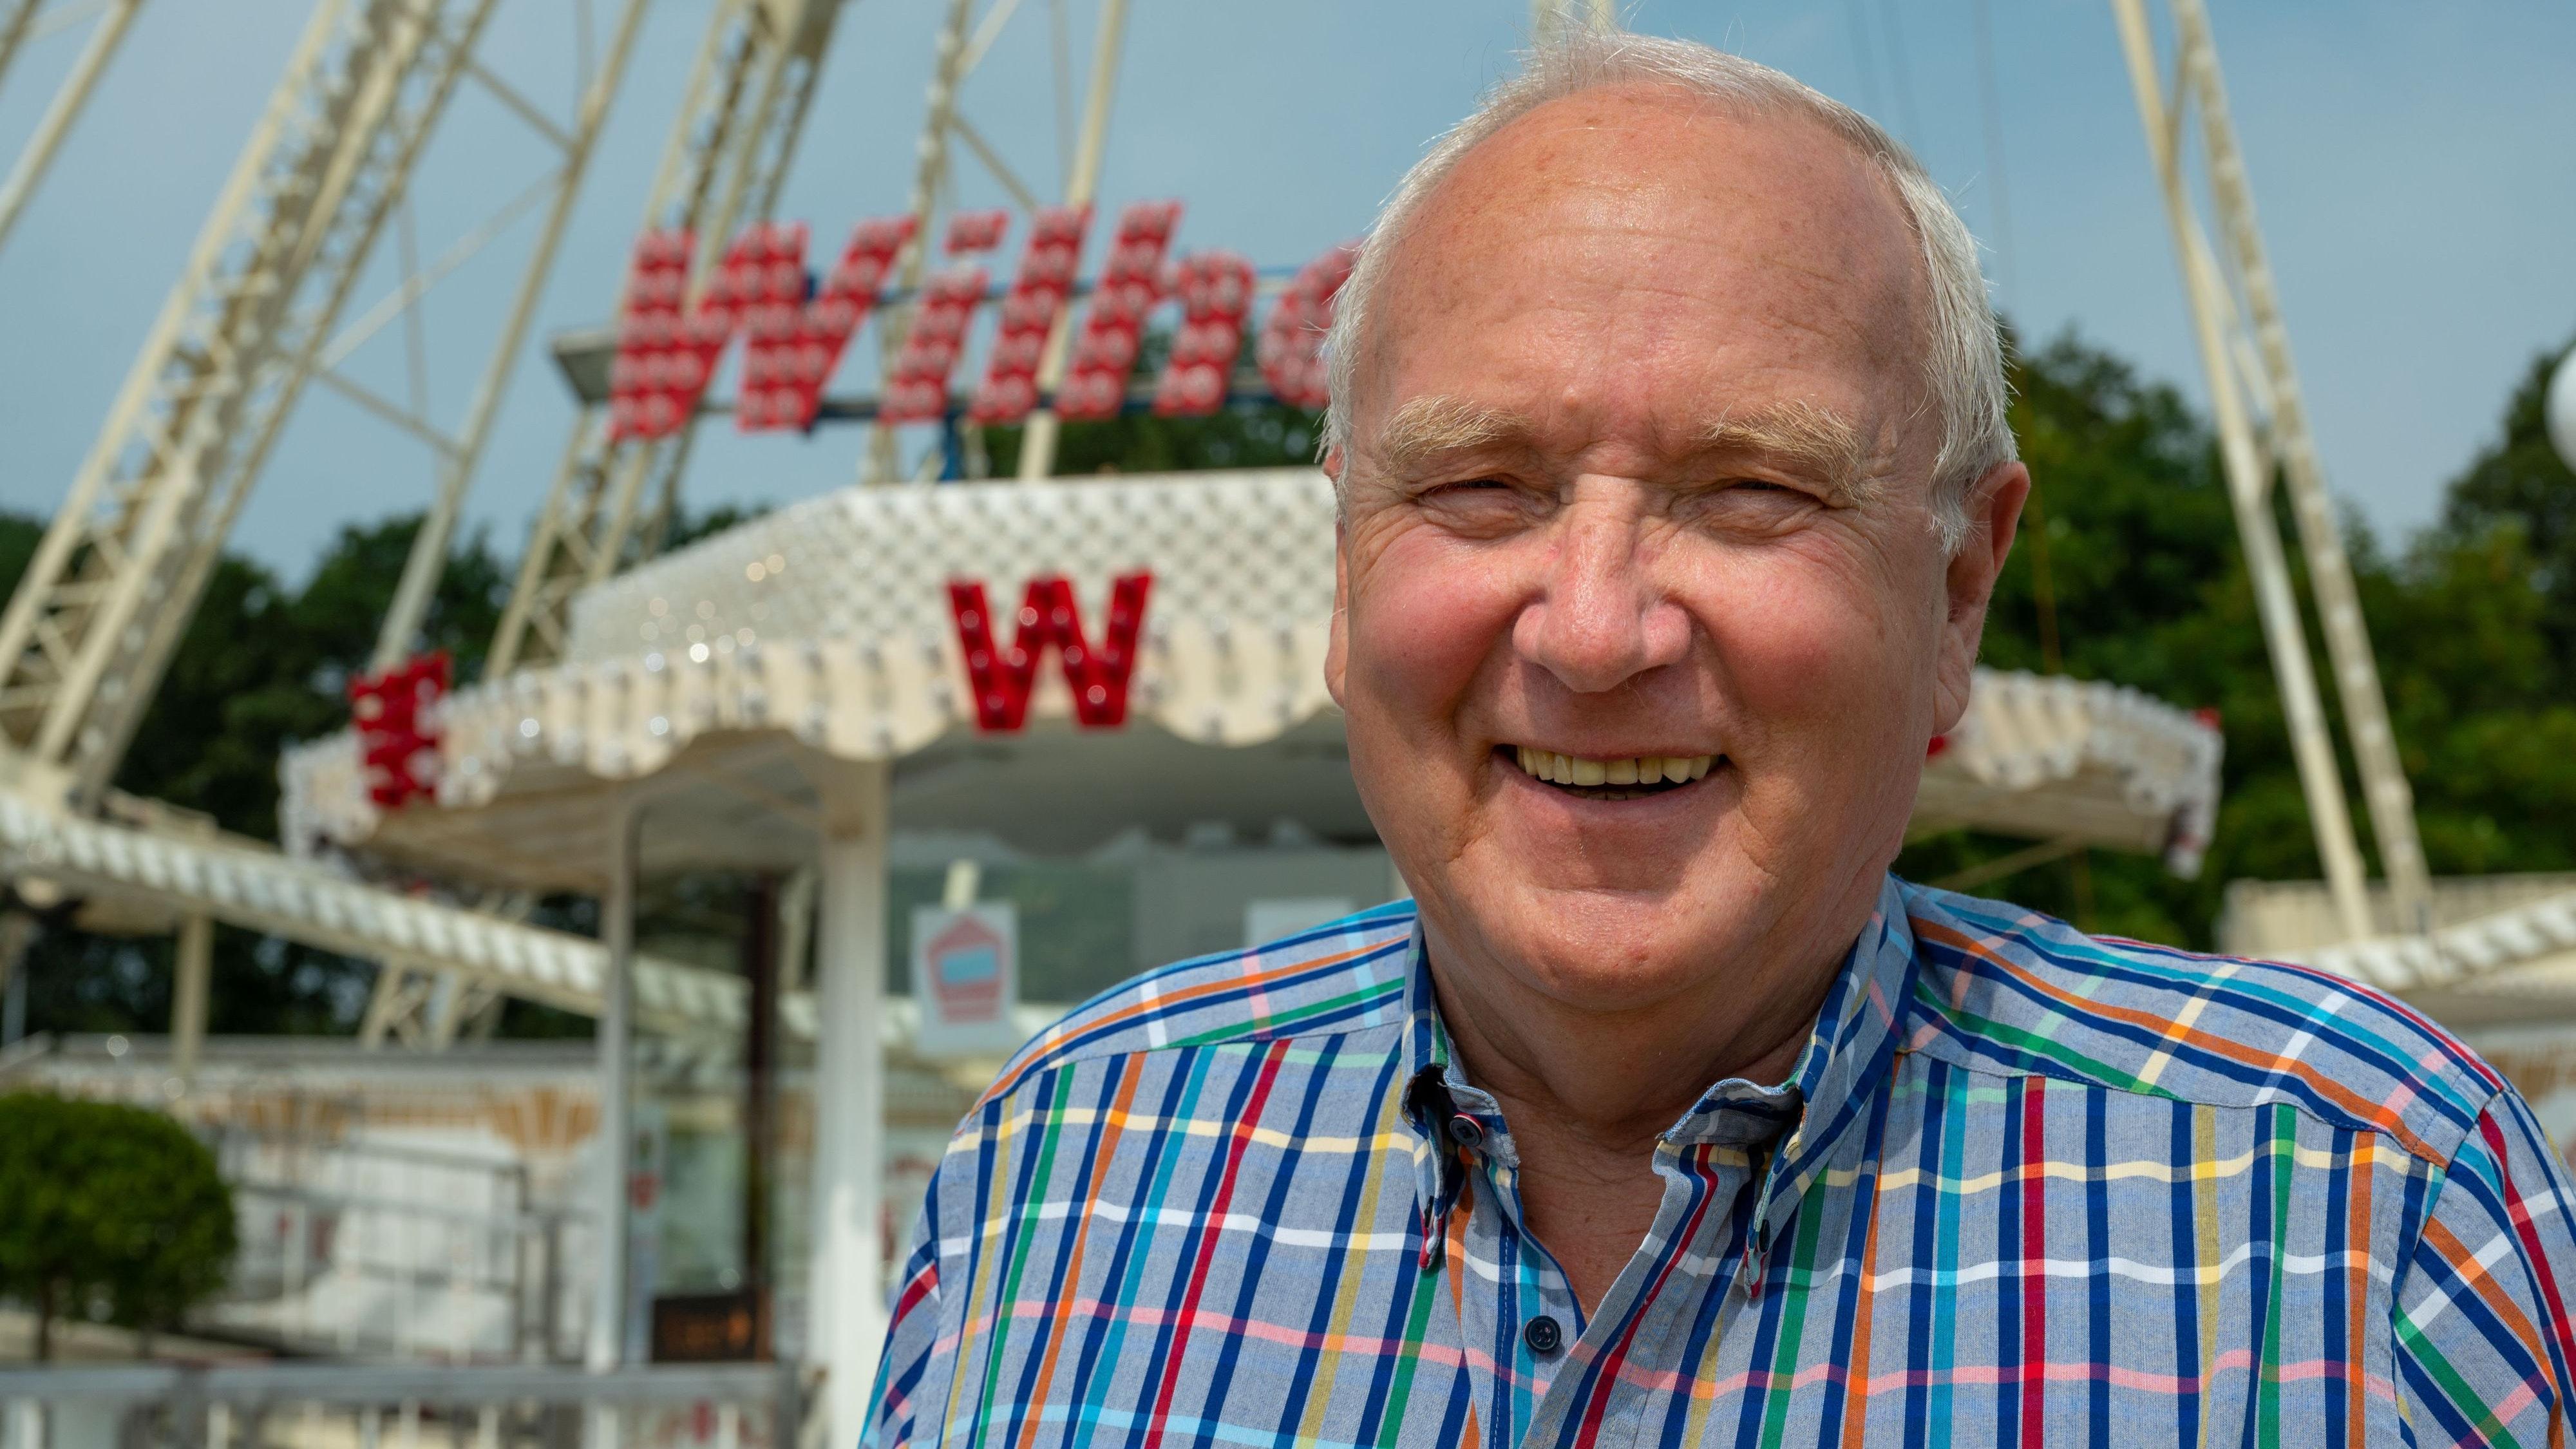 Stets ein Lächeln auf den Lippen: Klaus Wilhelm vor seinem Riesenrad auf der Westerheide. Foto: M. Niehues